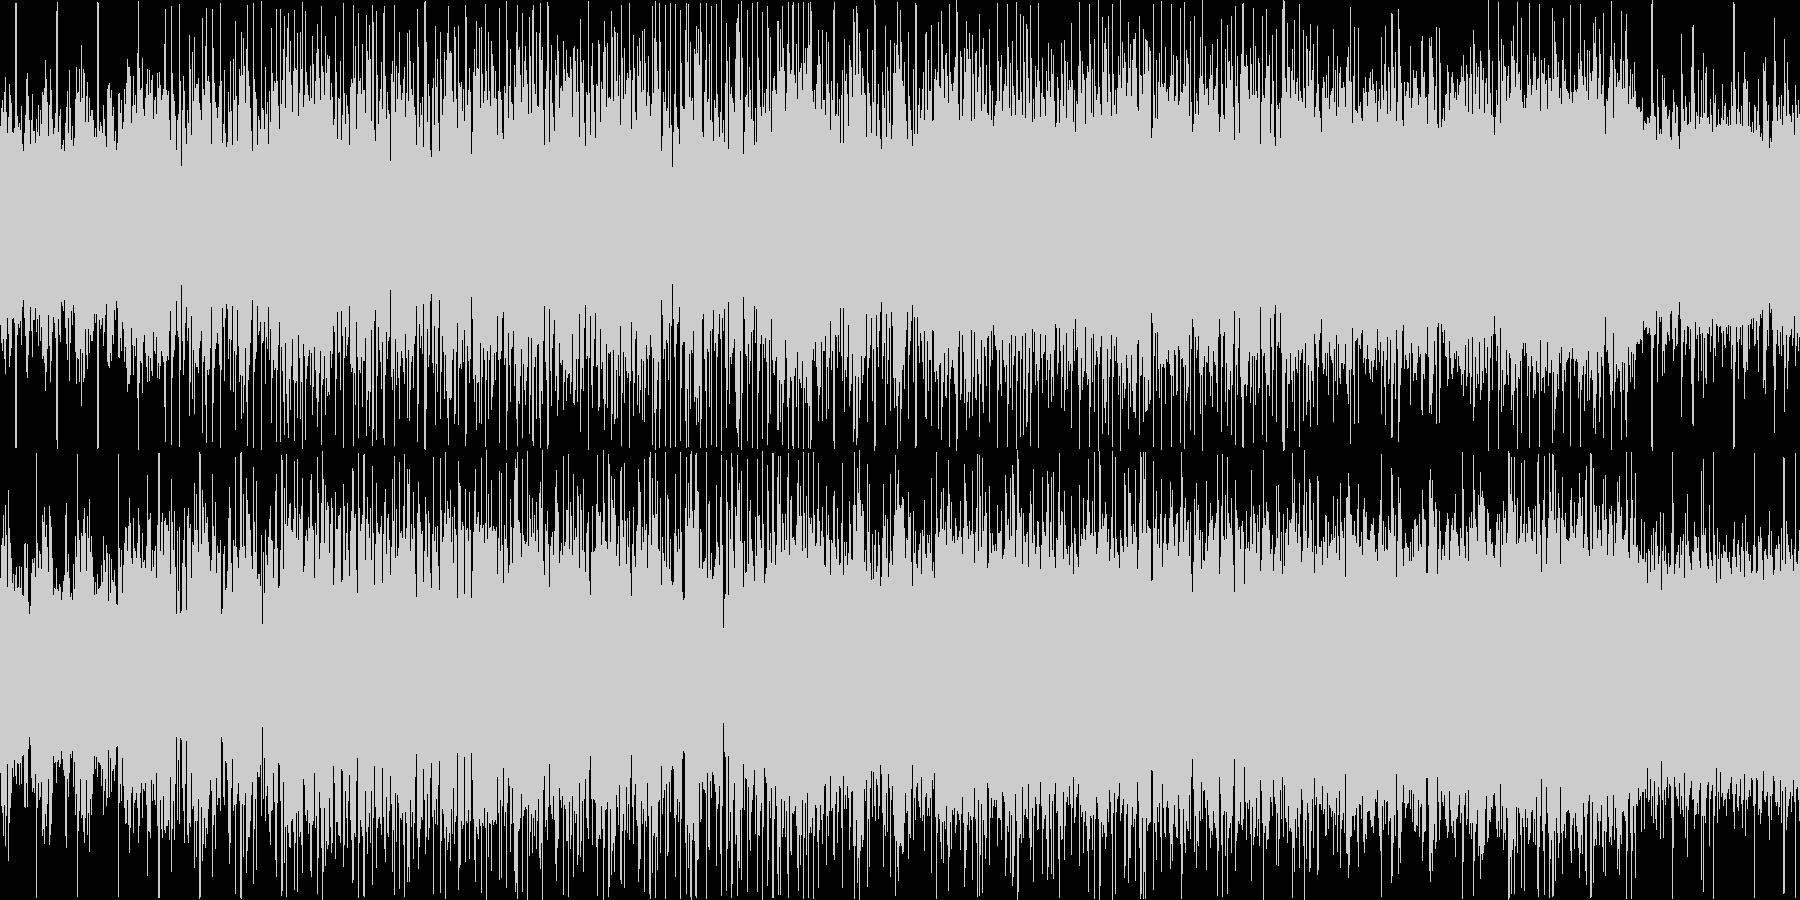 ファンタジーRPGなどのBGMに適した…の未再生の波形